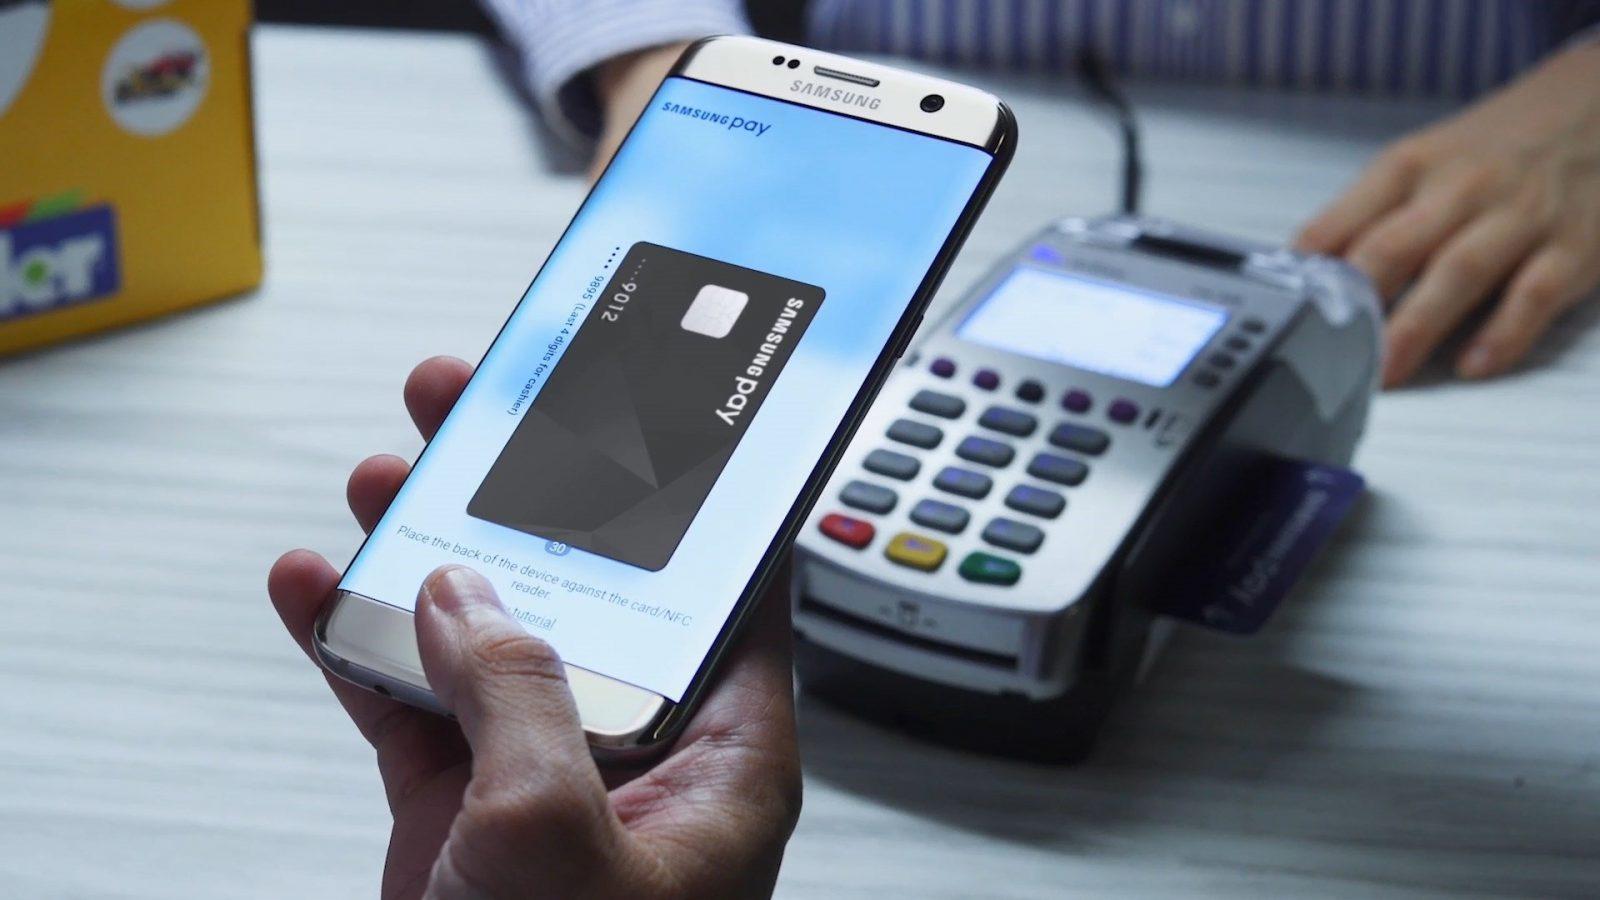 pay - La Samsung Pay è l'app innovativa che parte oggi in Italia